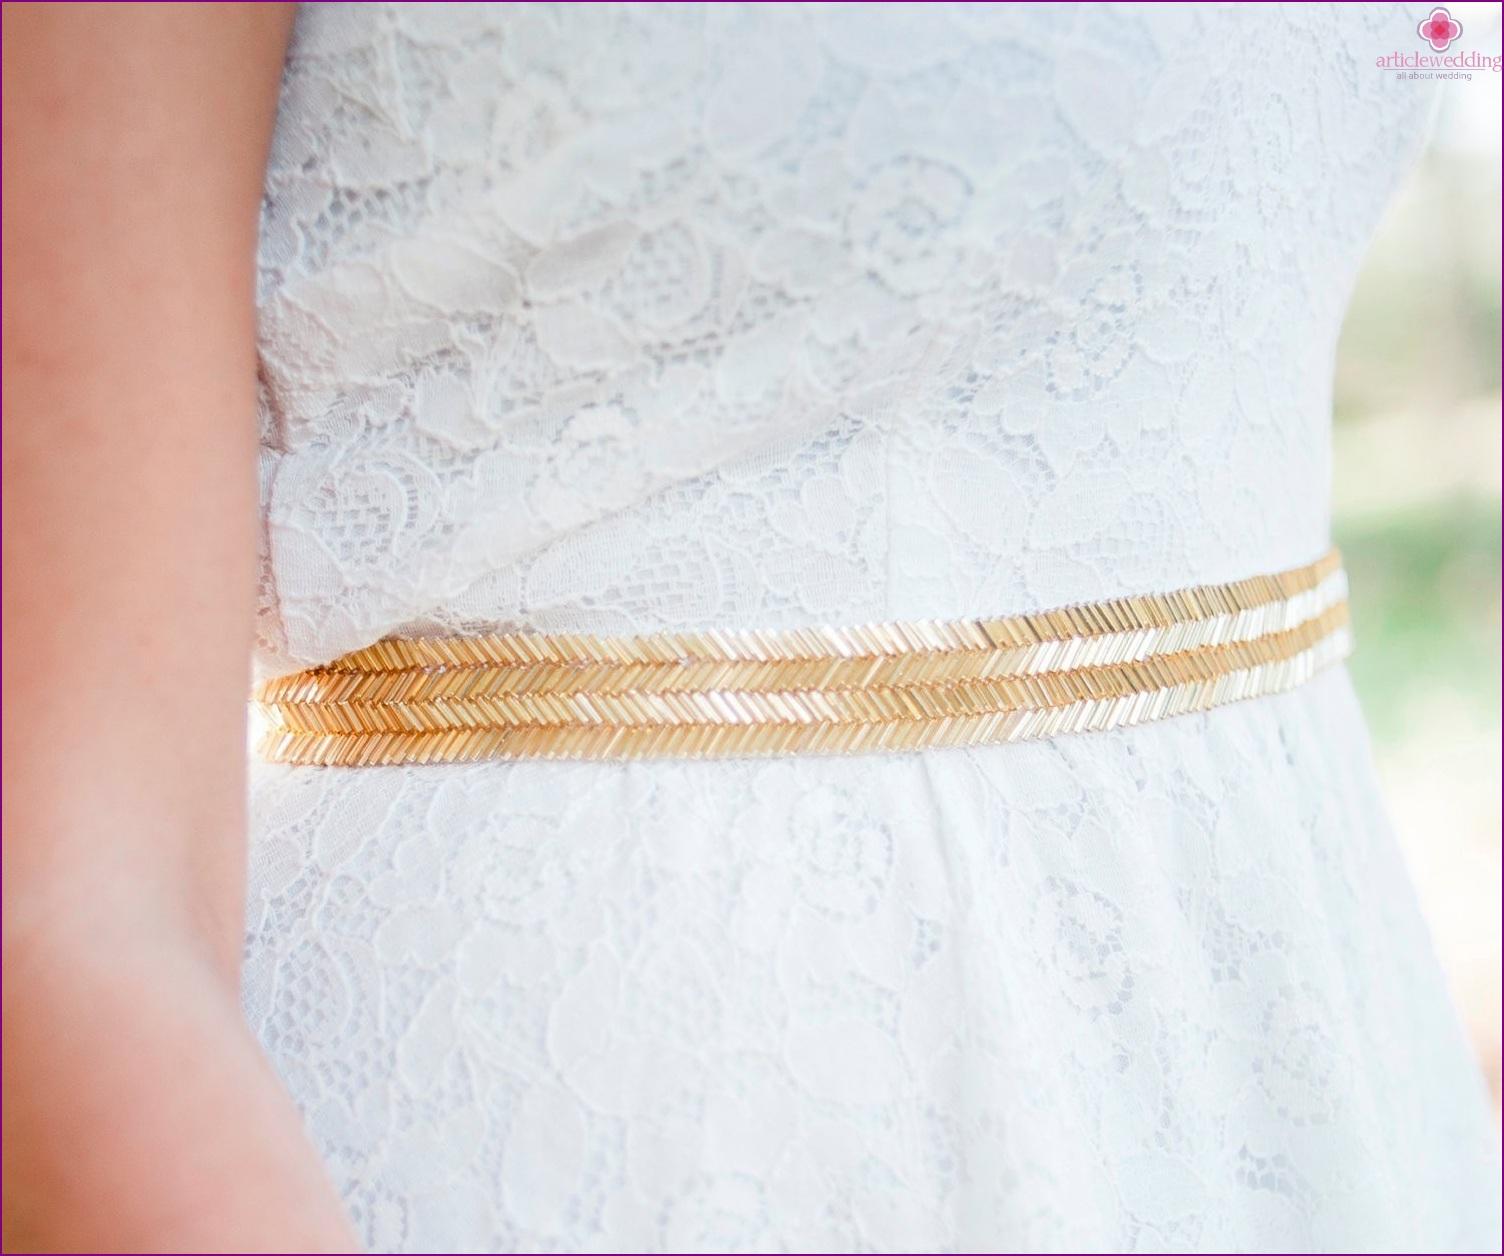 Belt on a dress in gold color